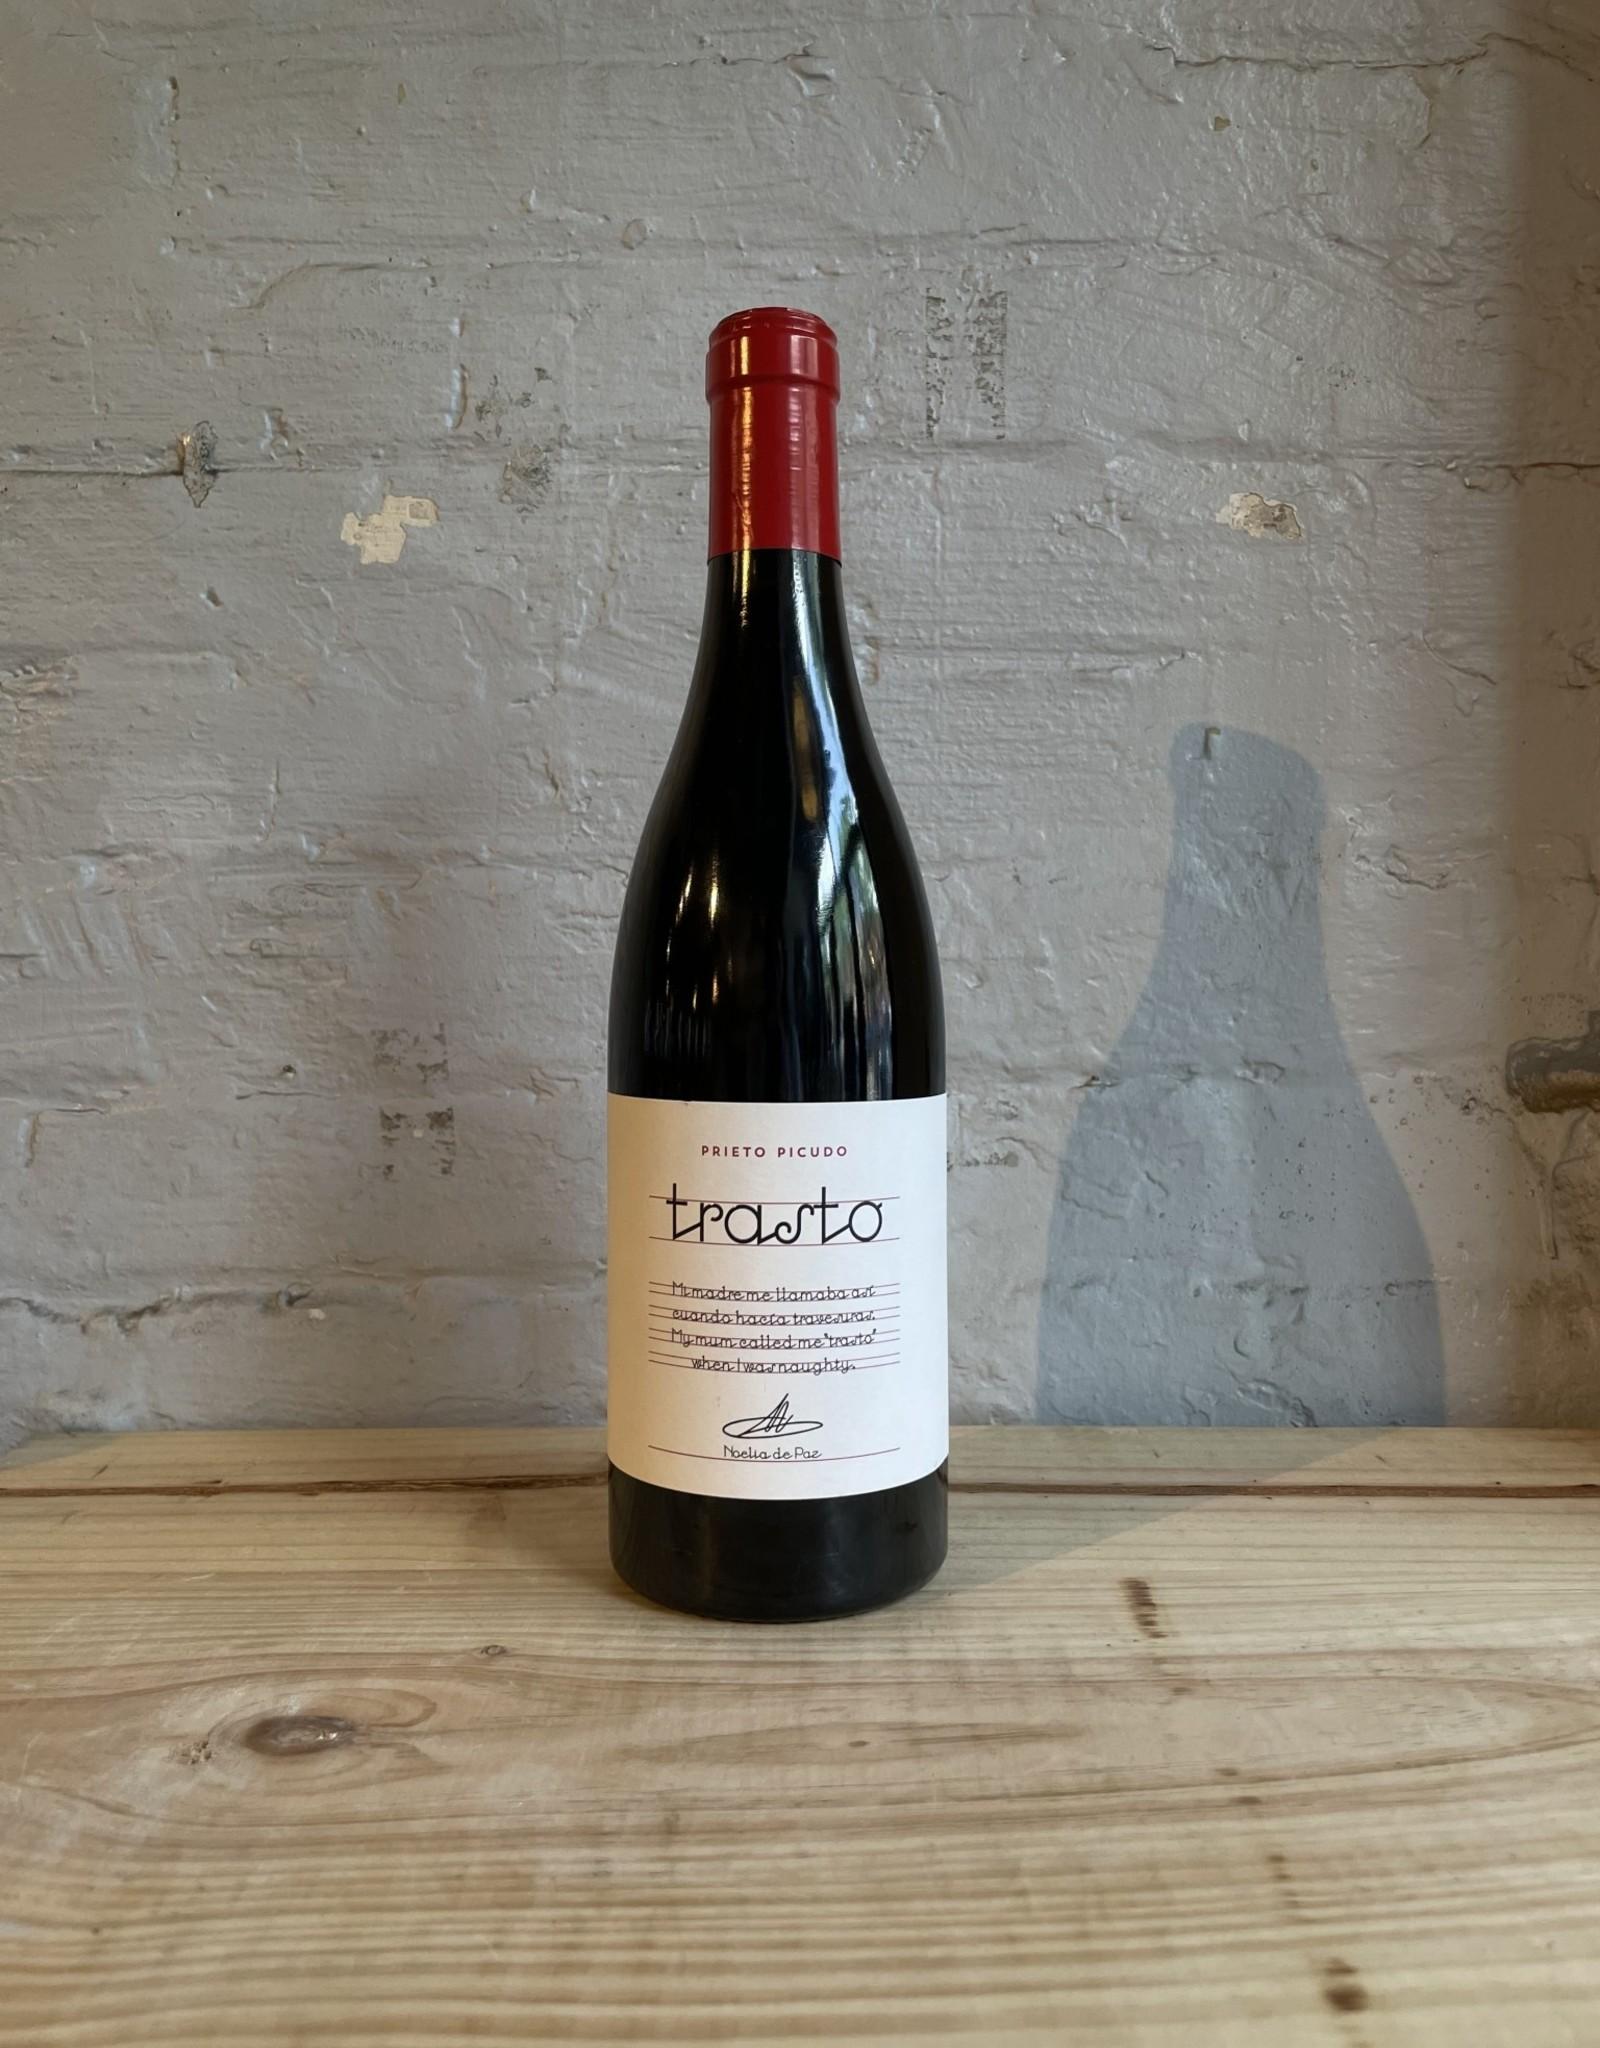 Wine 2018 LaOsa Prieto Picudo Trasto Tinto - Castilla y Leon, Spain (750ml)